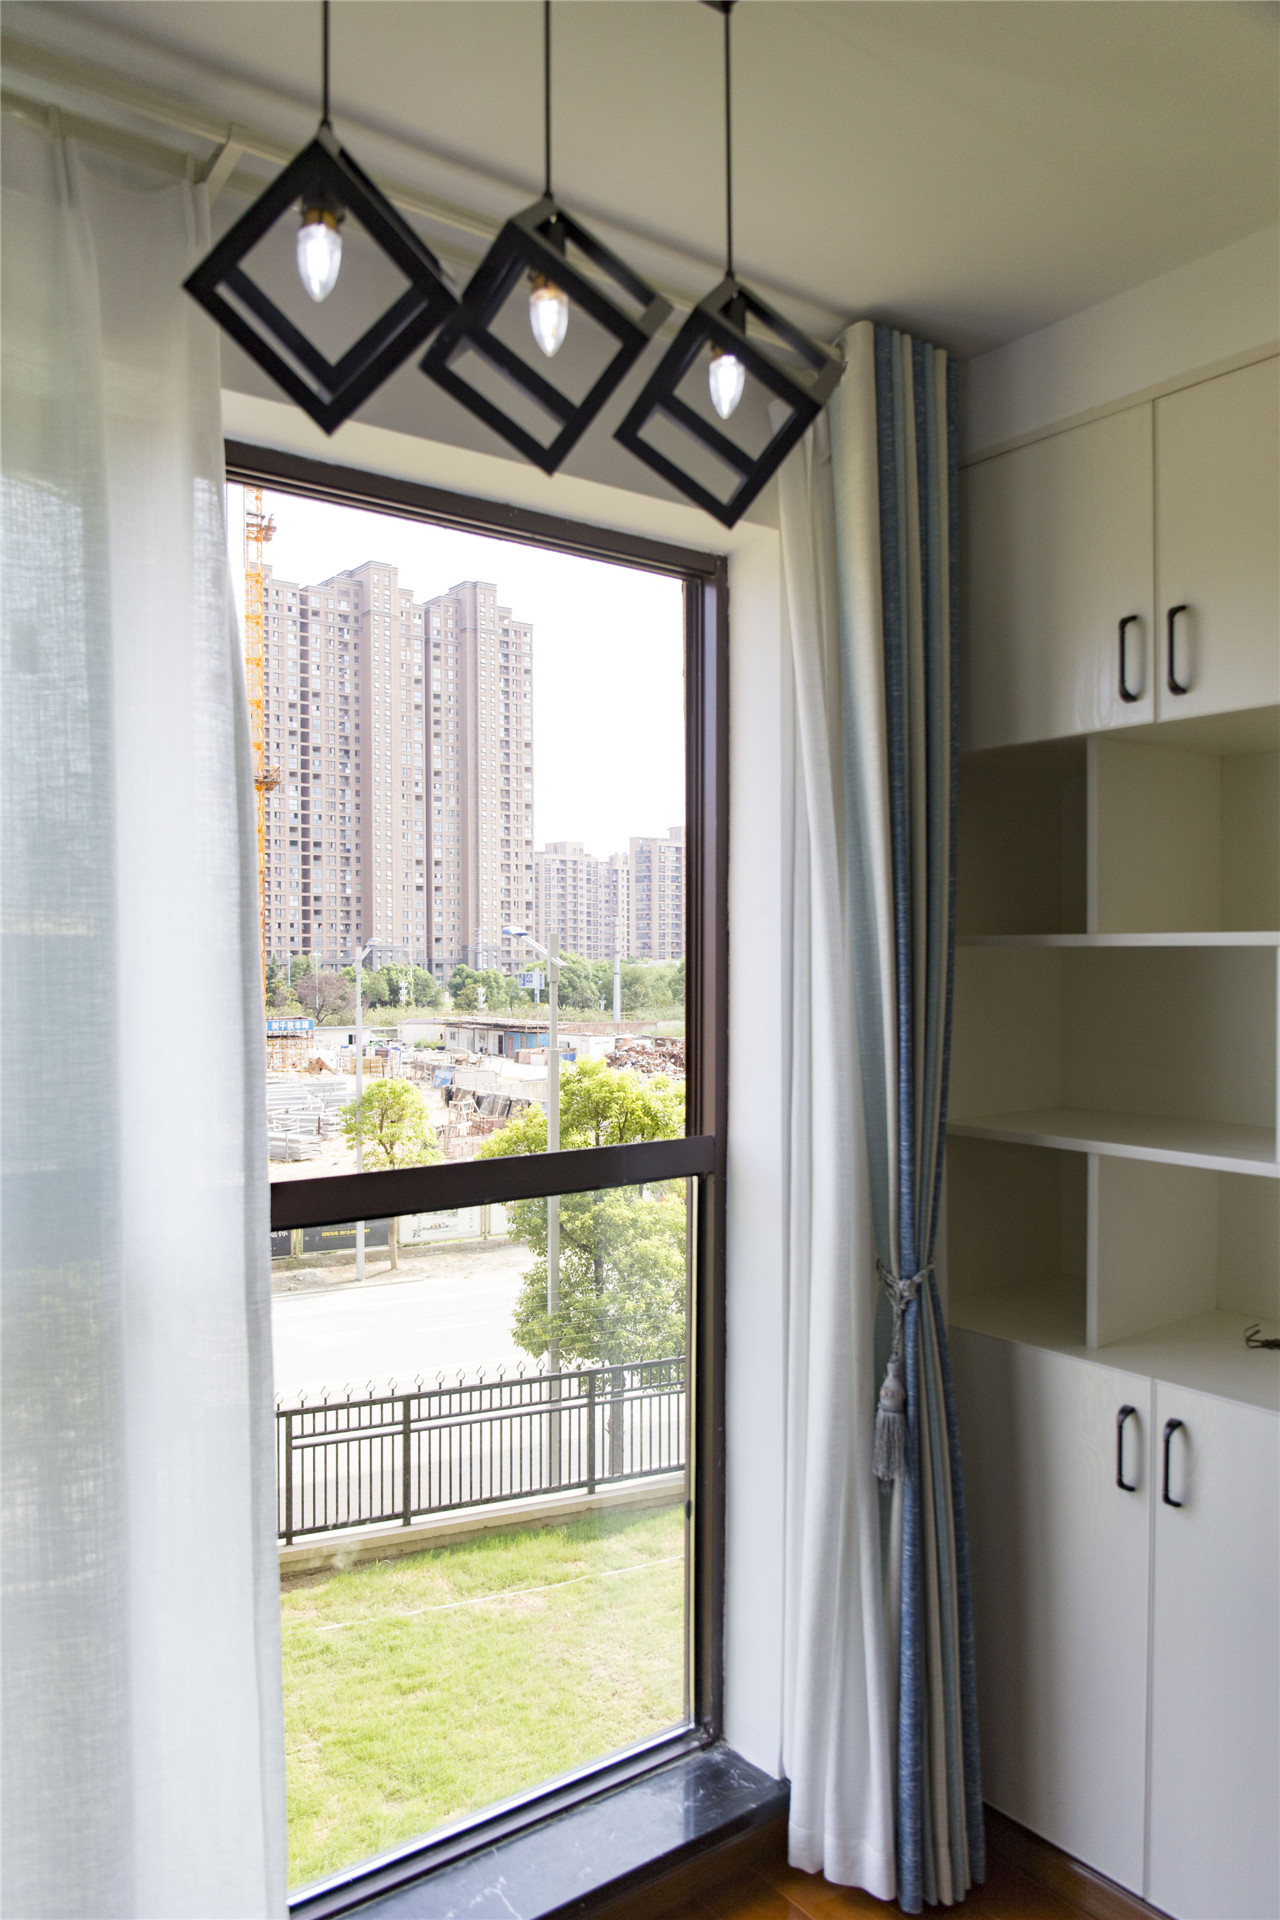 窗户旁还做了休闲区,兼具收纳和实用功能。